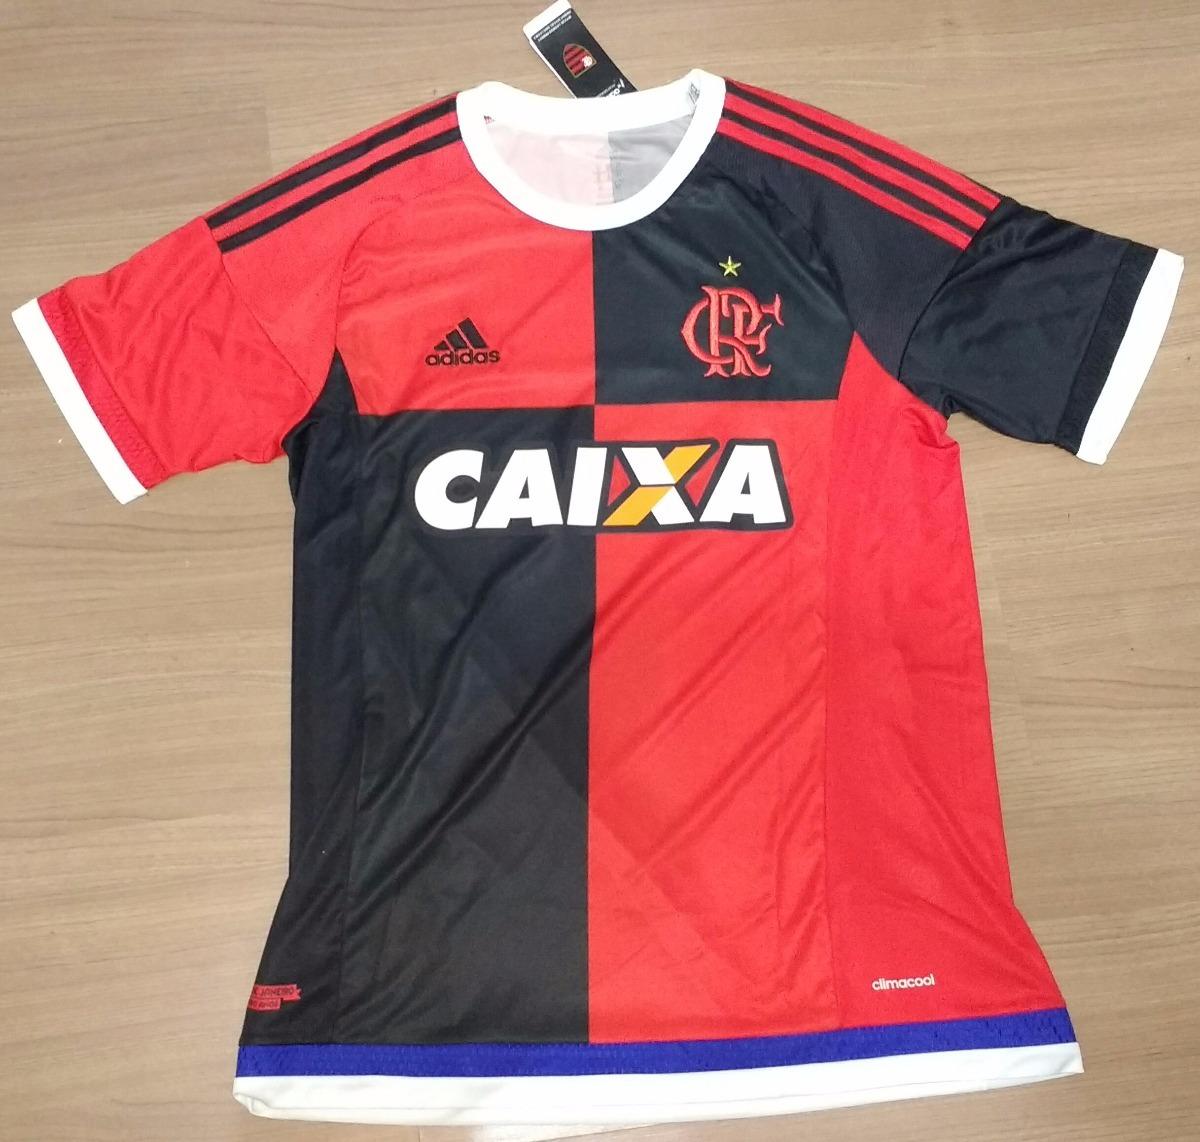 Camisa Flamengo Papagaio De Vintém 2015 Original adidas - 19 - R ... 693ba20752762